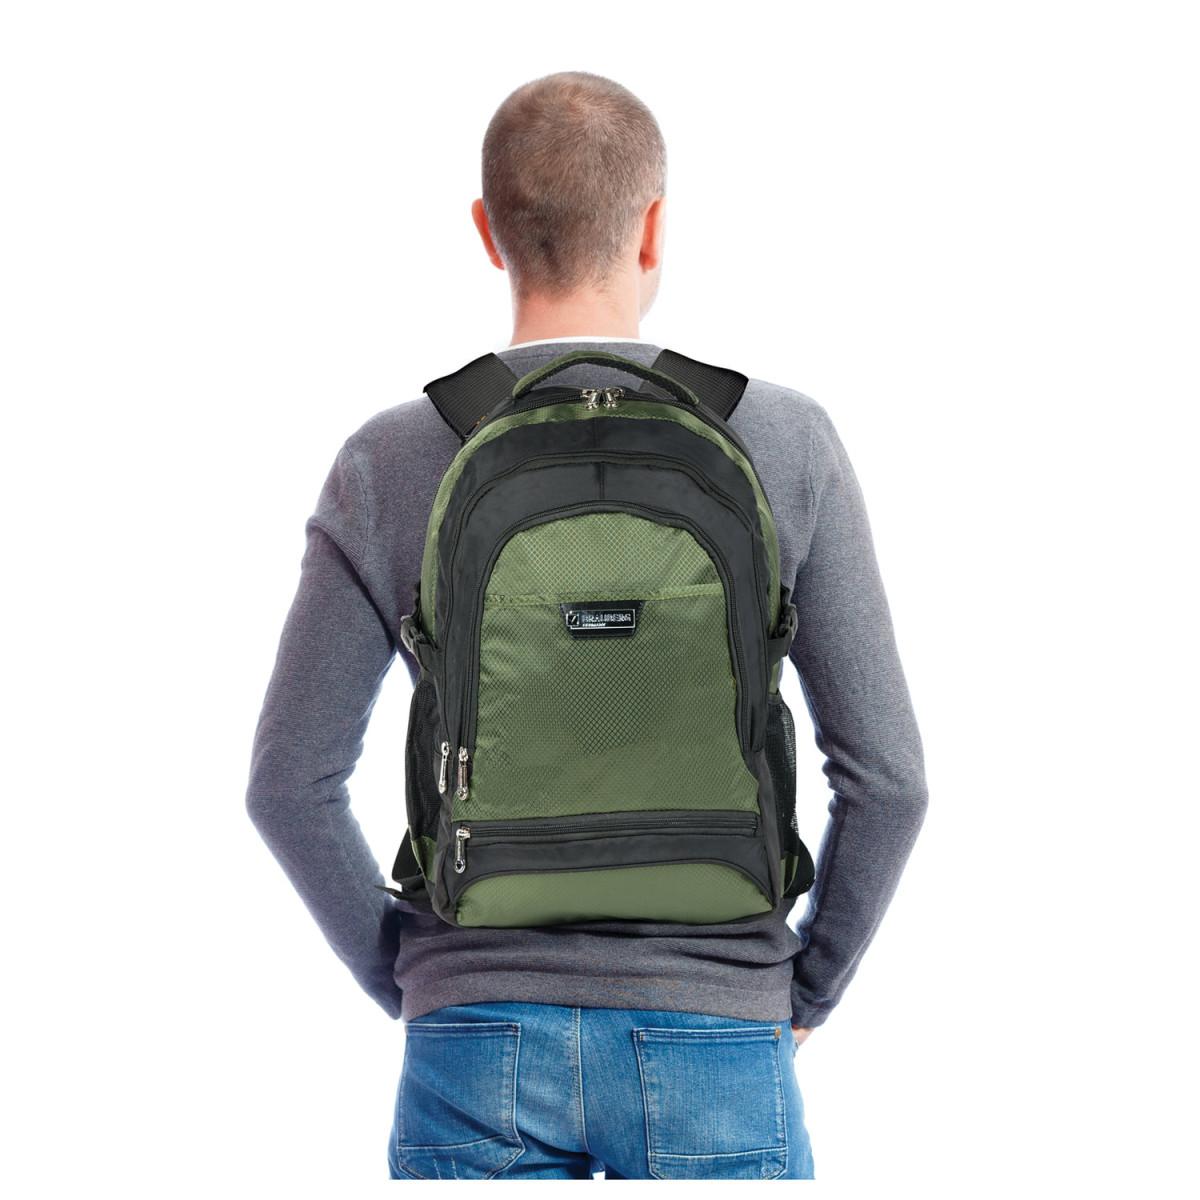 """Рюкзак для школы и офиса BRAUBERG """"StreetRacer 1"""", 30 л, размер 48х34х18 см, ткань, черно-зеленый, 224449 (арт. 224449)"""